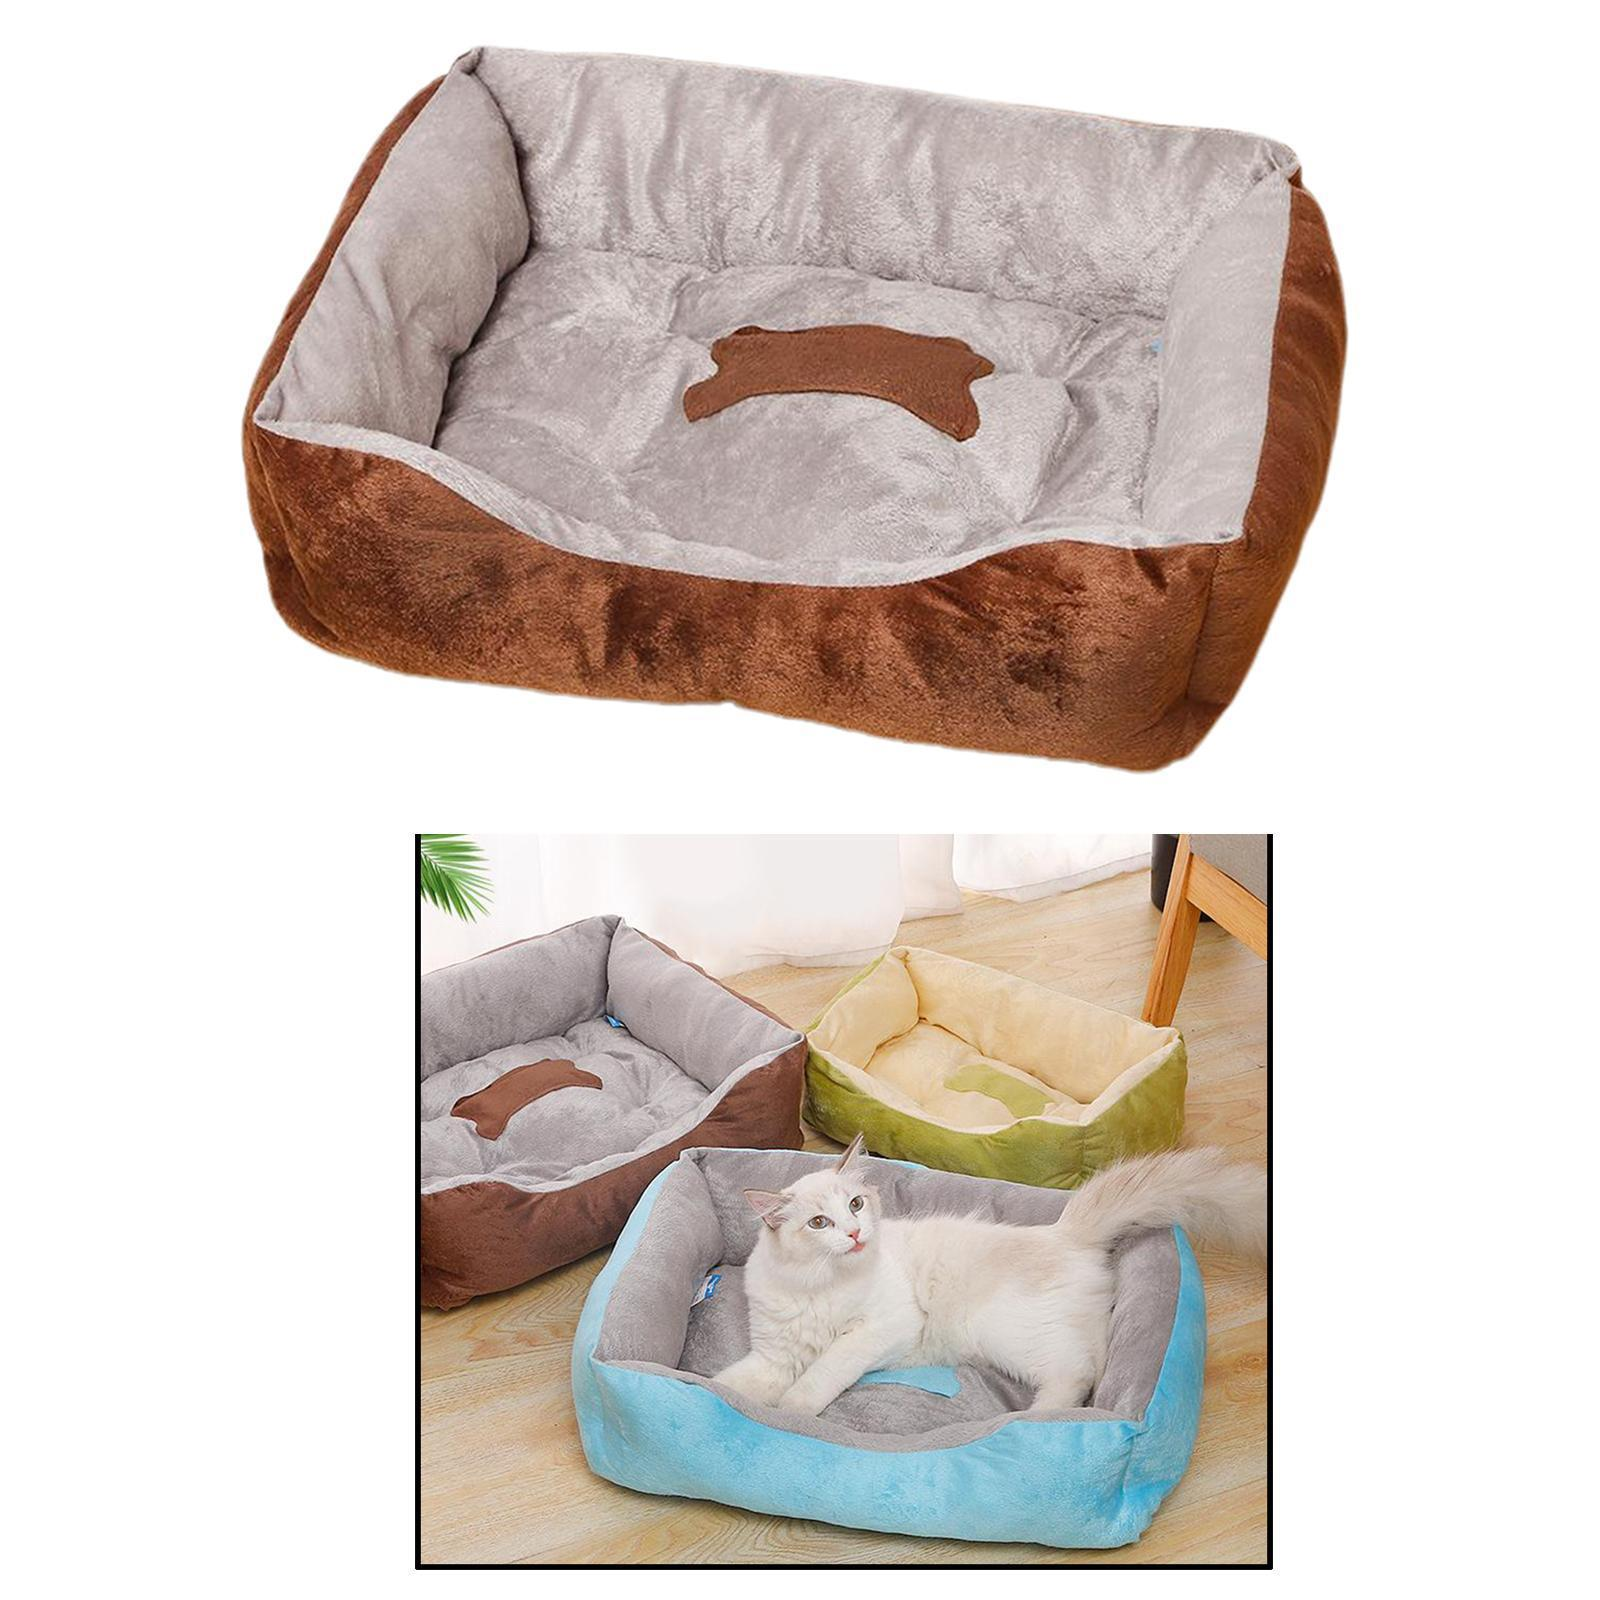 Indexbild 45 - Katze-Hund-Bett-Pet-Kissen-Betten-Haus-Schlaf-Soft-Warmen-Zwinger-Decke-Nest